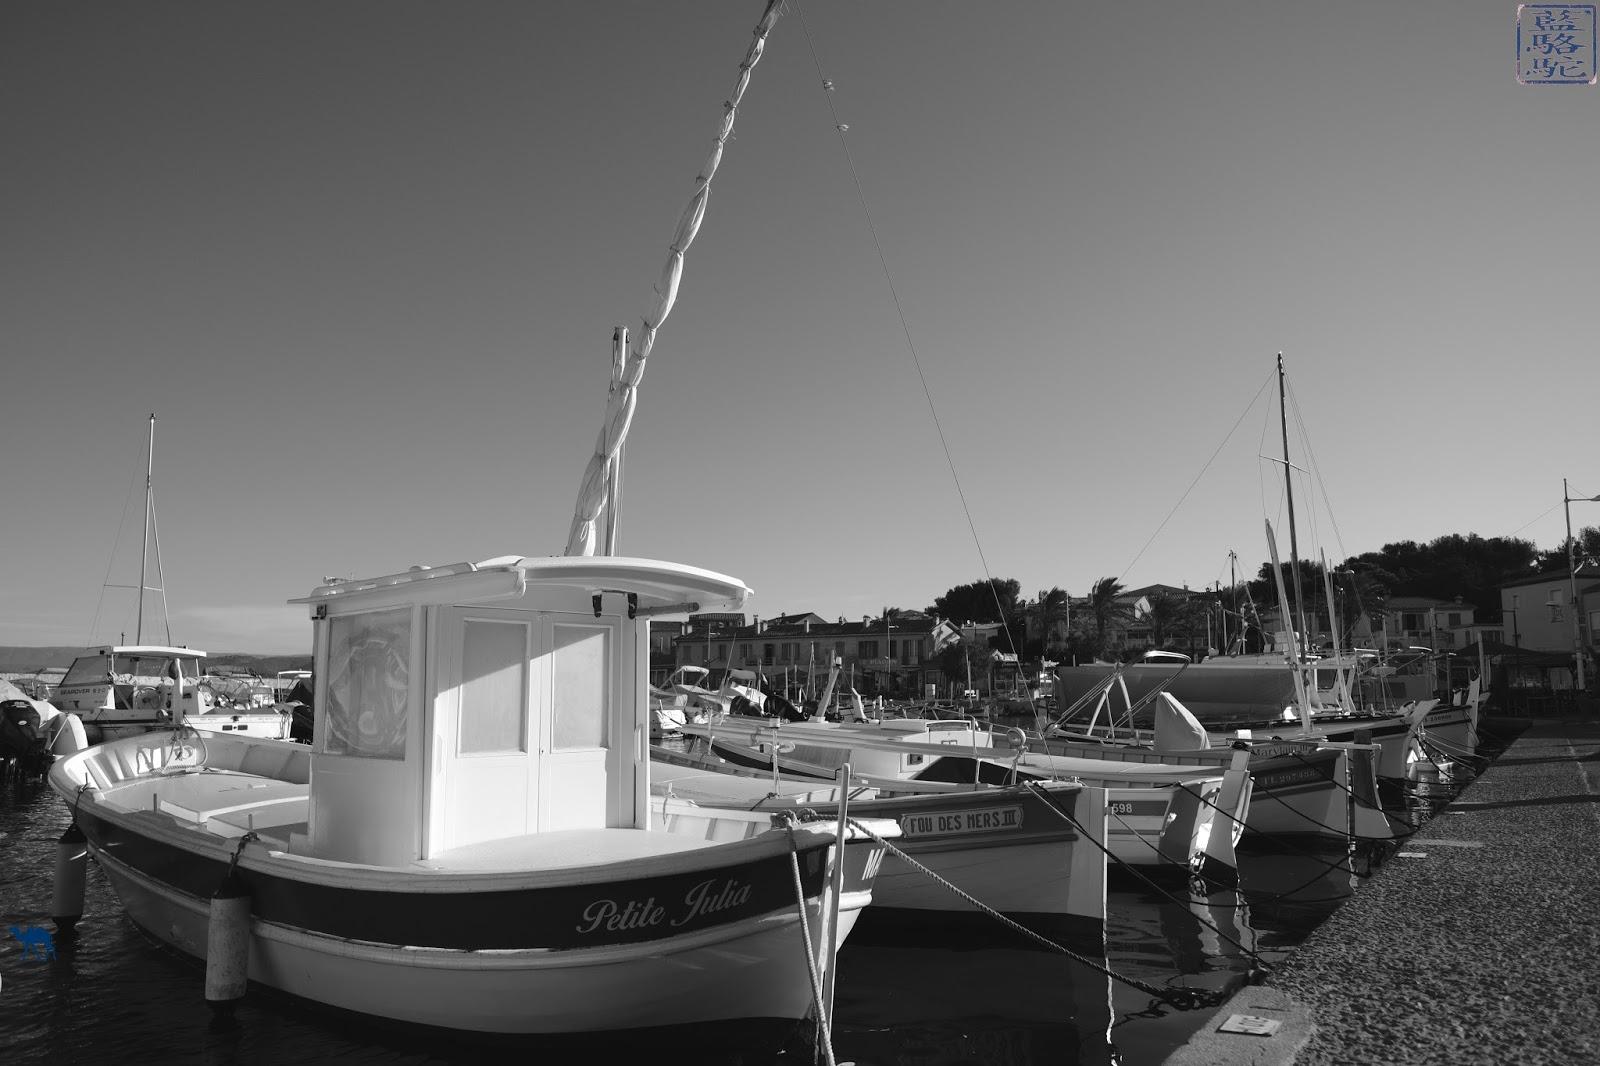 Le Chameau Bleu - Blog Voyage Var - Bateau du port du Brusc - Var